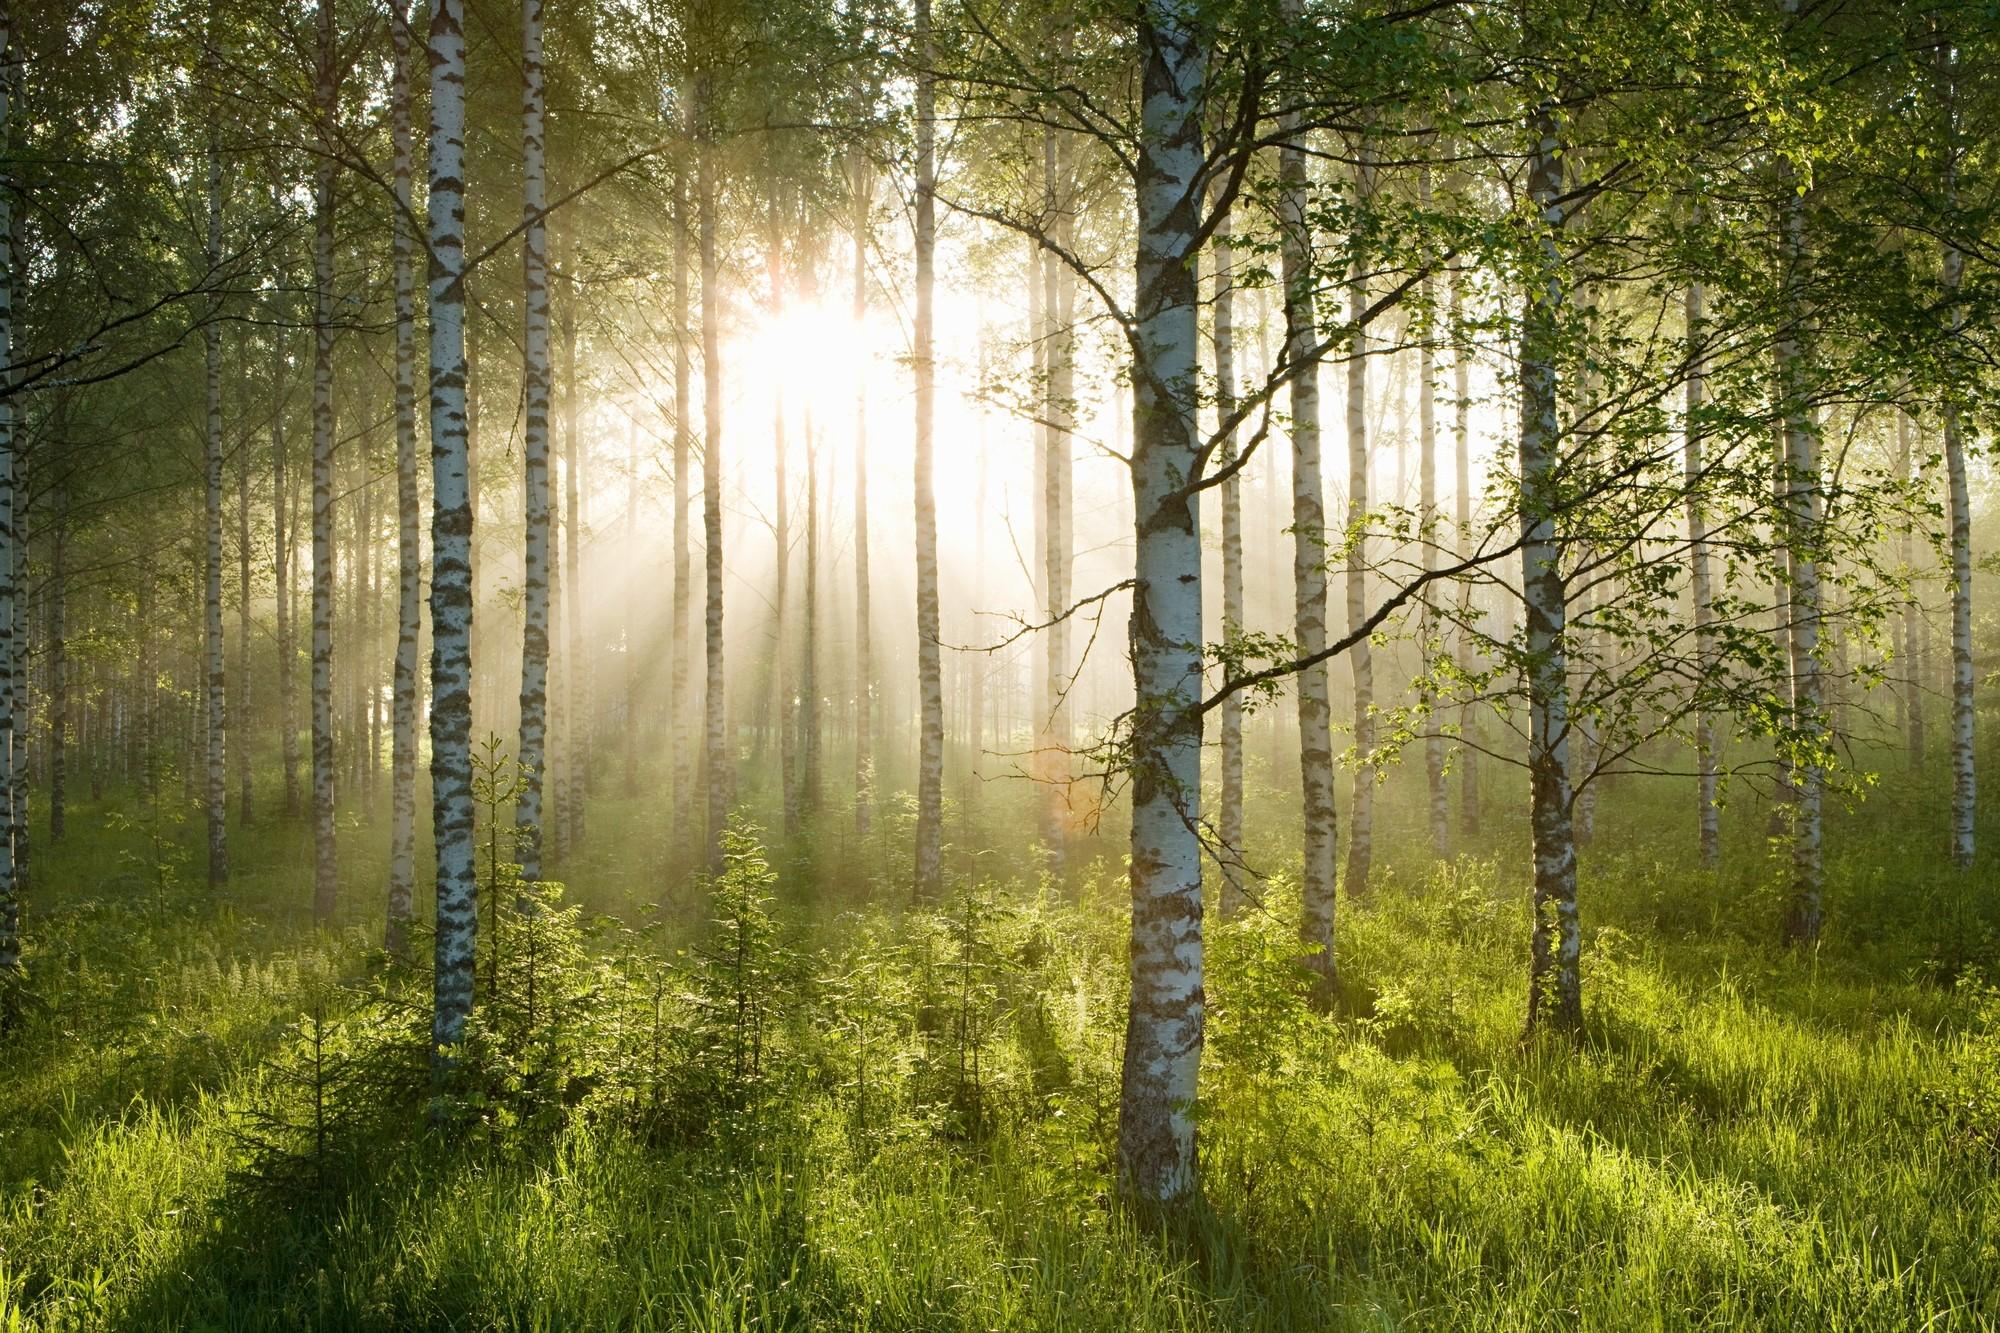 Birch Forest Sunlight Wallpaper